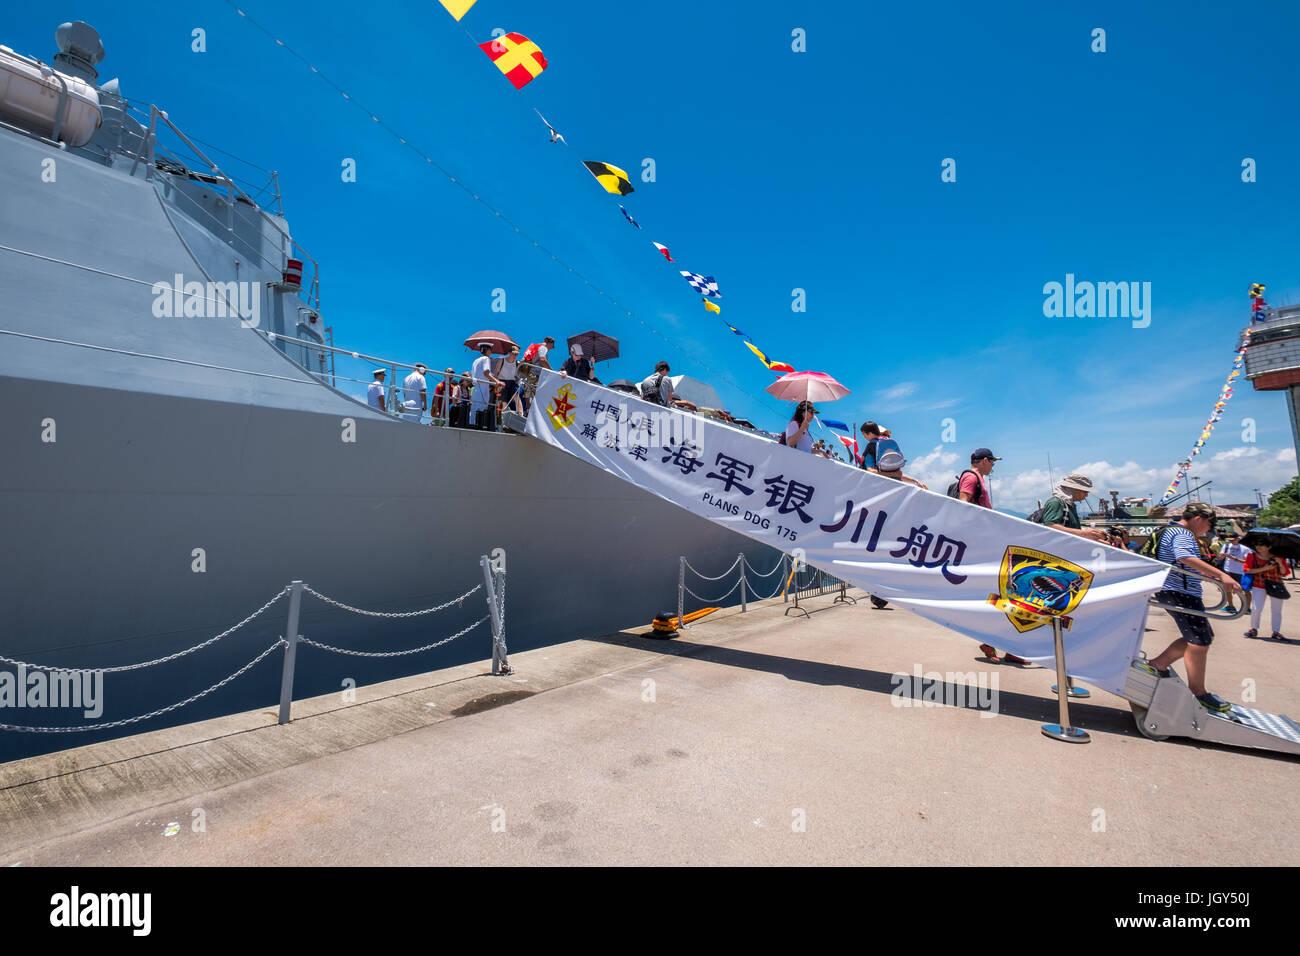 Ngong Shuen Chau Base Navale, Hong Kong - 9 Giugno 2017 : Yinchuan (numero 175) missile destroyer ha visitato Hong Kong e fu aperta al pubblico. Foto Stock